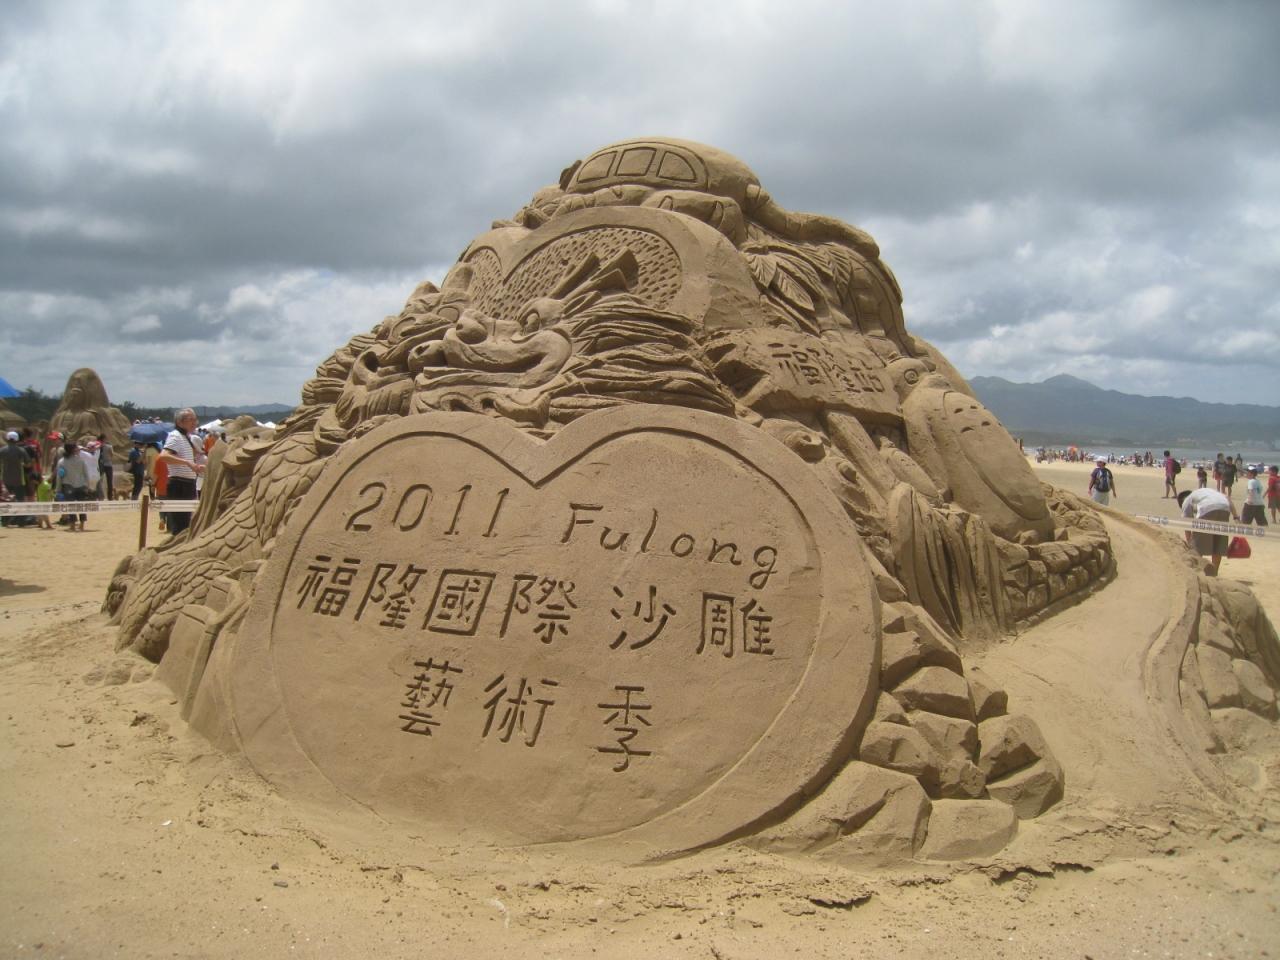 2011福隆国際砂アート芸術祭  ( 台湾 )